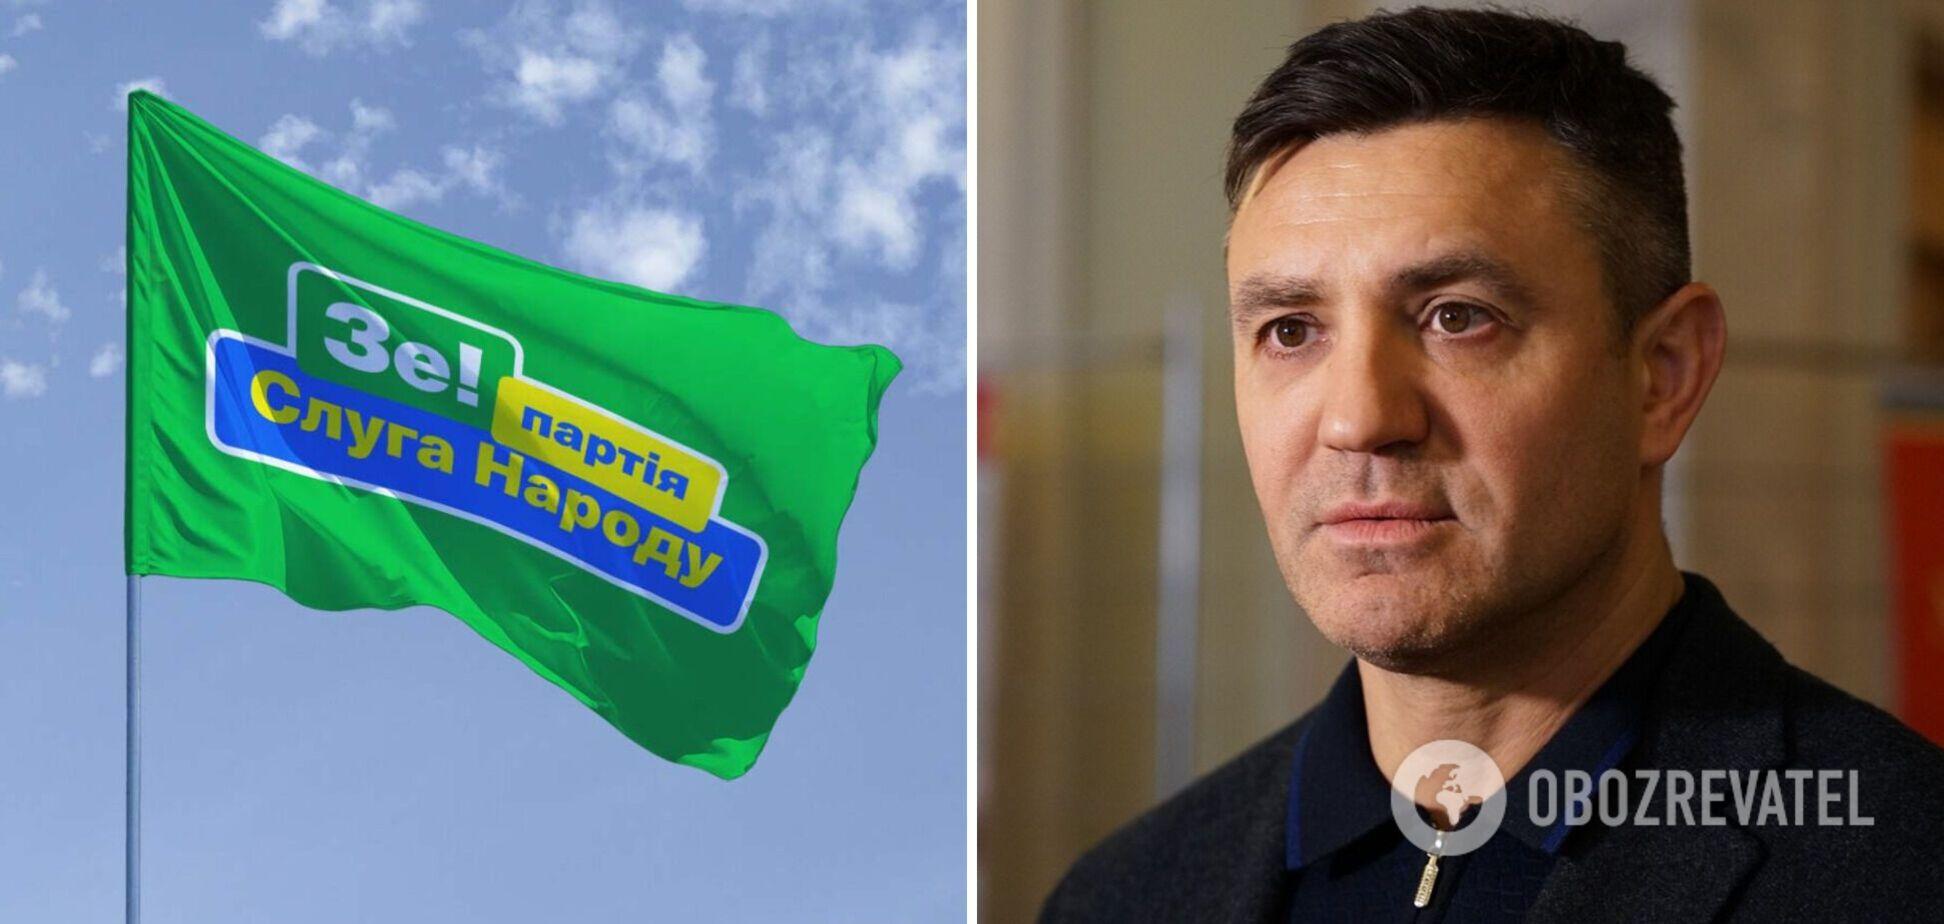 'Слуги' на заседании никак не наказали Тищенко за скандал с вечеринкой: нардеп просил 'понять и простить'